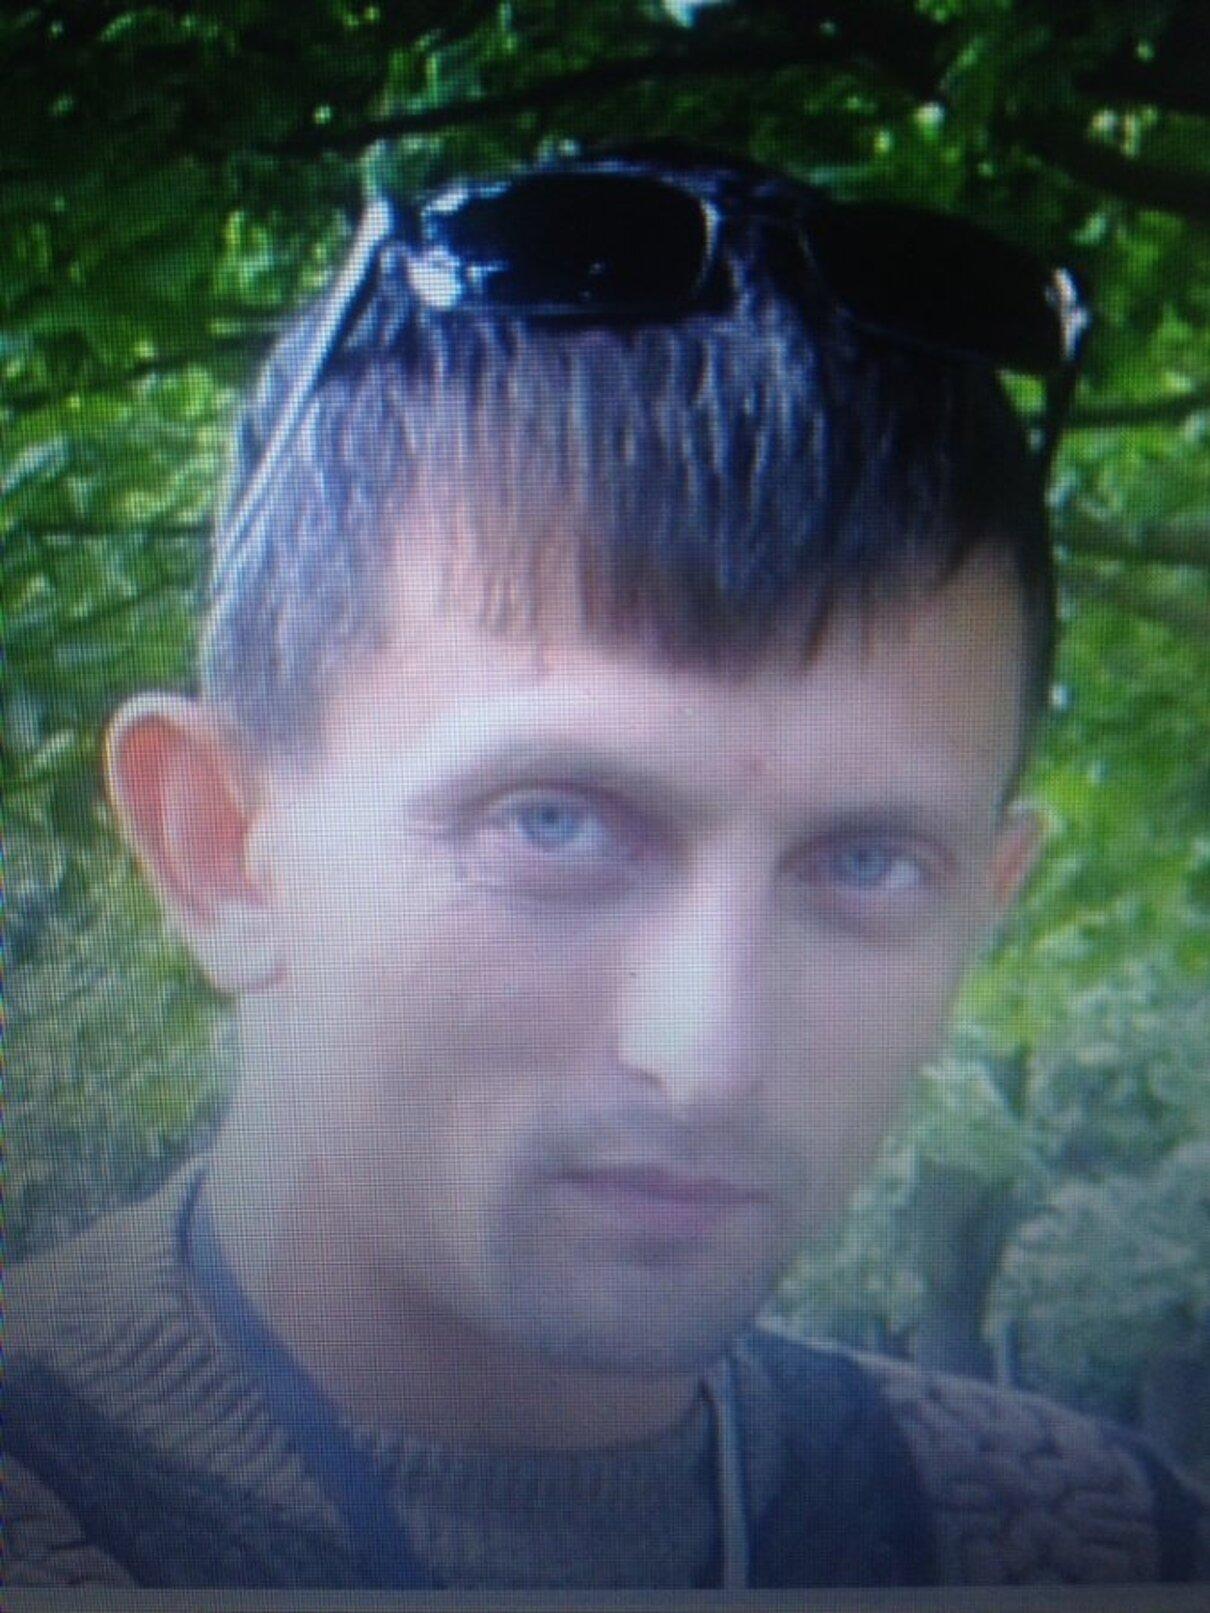 Жалоба-отзыв: Дмитрий и Николай Мудрый отец с сыном Белорусских кровей - Кидают людей на деньги